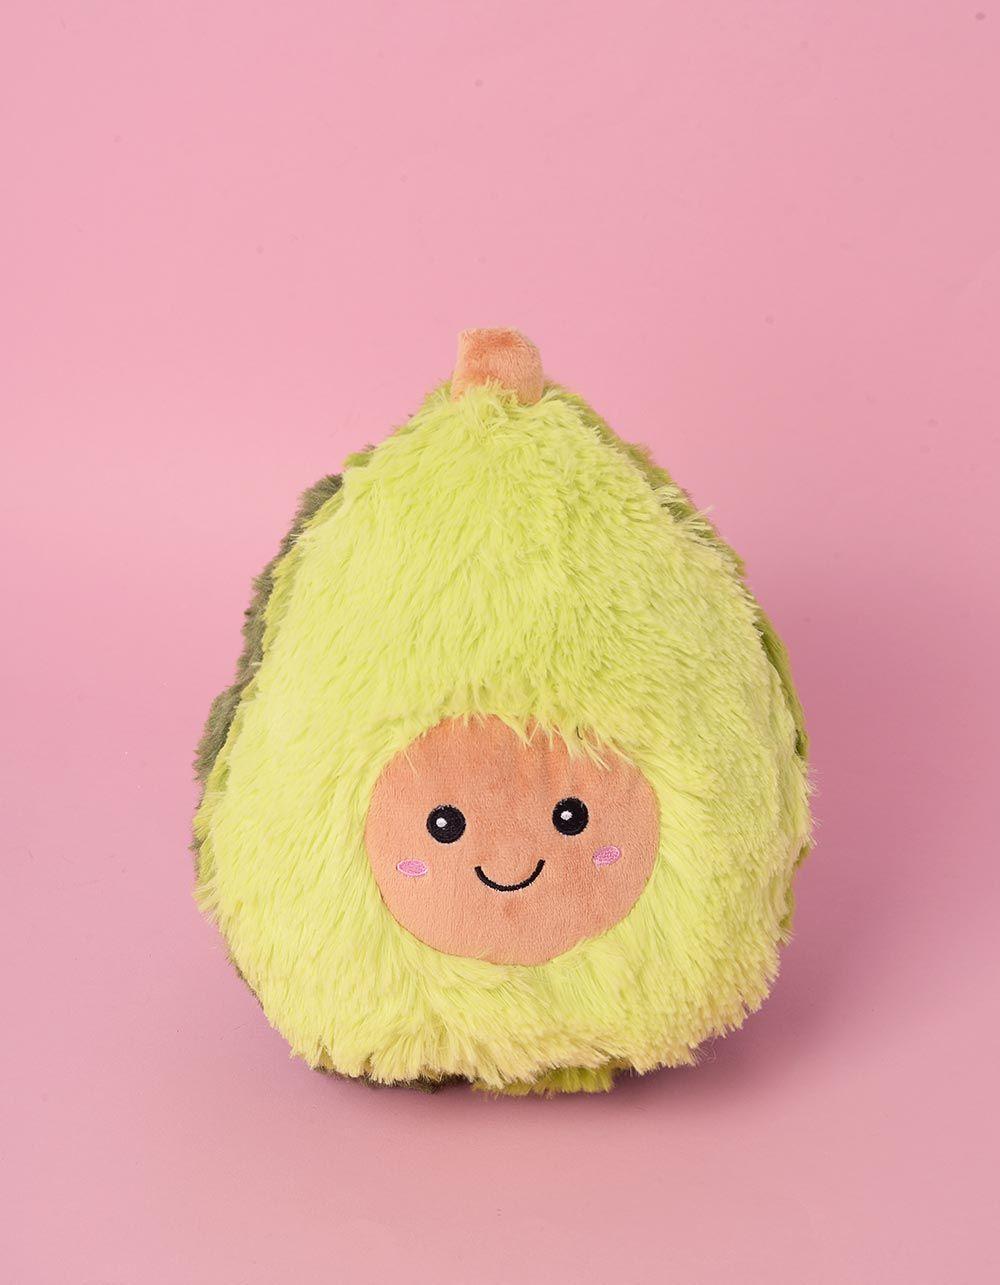 Іграшка м'яка у вигляді авокадо | 240348-20-XX